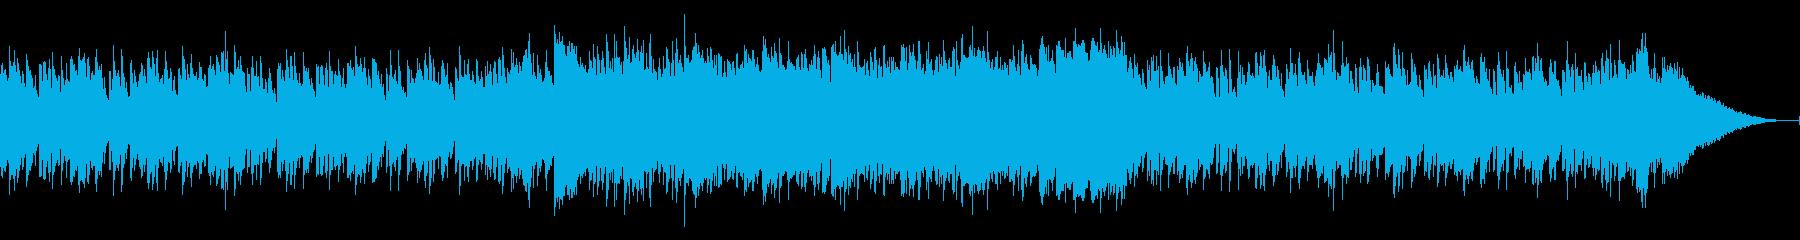 おしゃれで疾走感のあるCM用和風ディスコの再生済みの波形